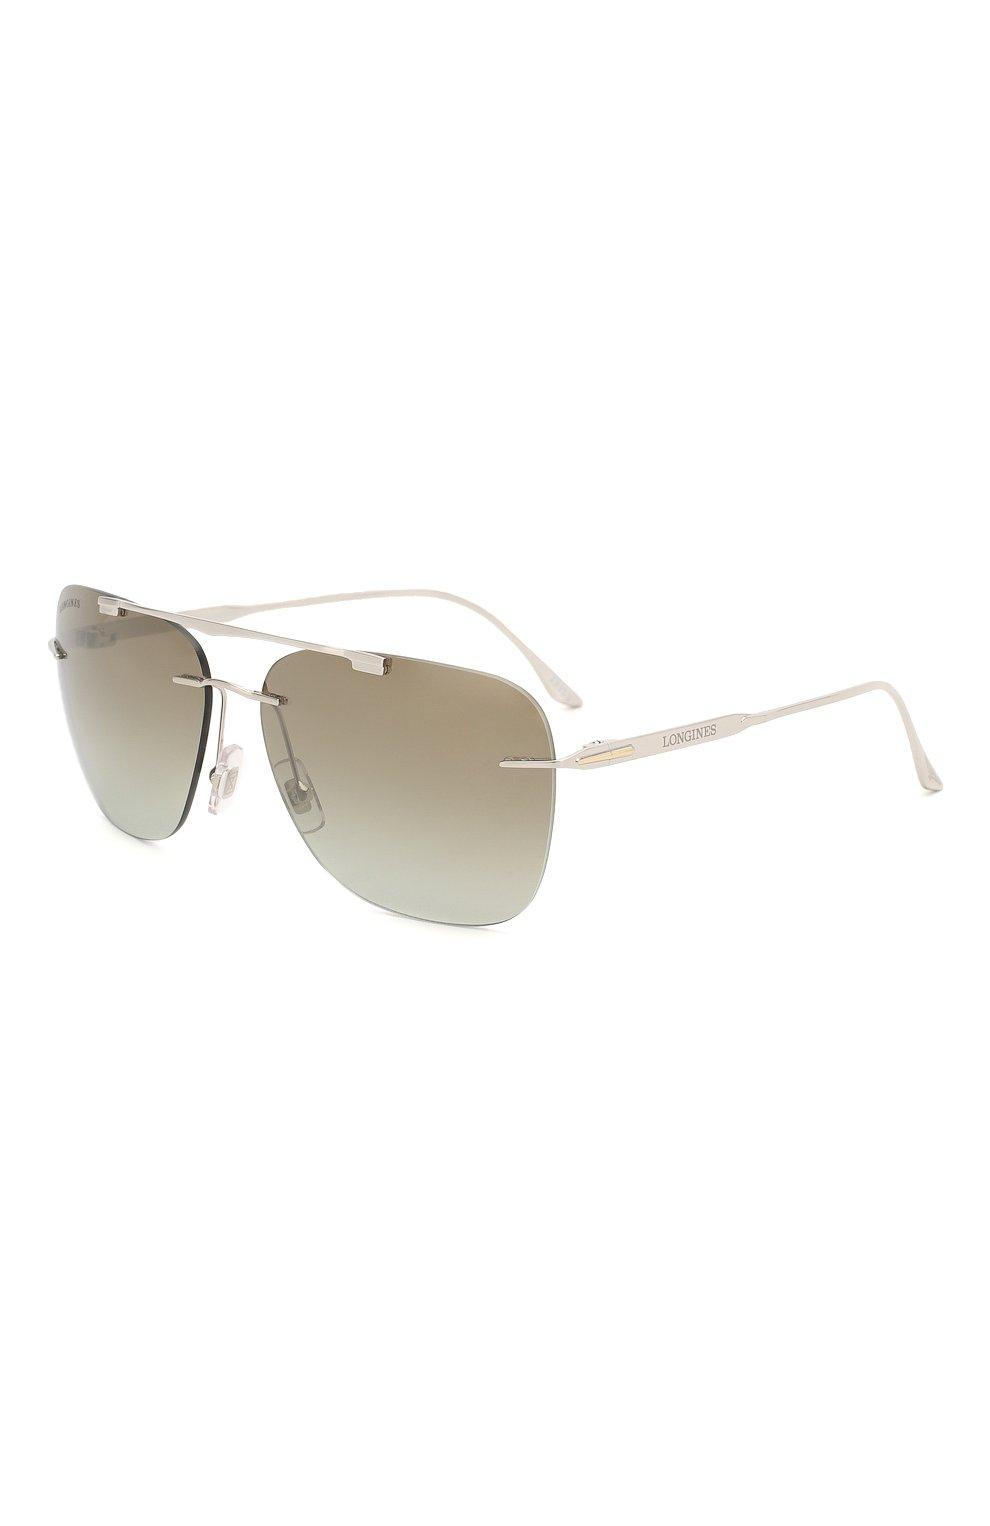 Мужские солнцезащитные очки LONGINES серебряного цвета, арт. LG0009-H 16P | Фото 1 (Тип очков: С/з; Очки форма: Прямоугольные; Оптика Гендер: оптика-мужское)